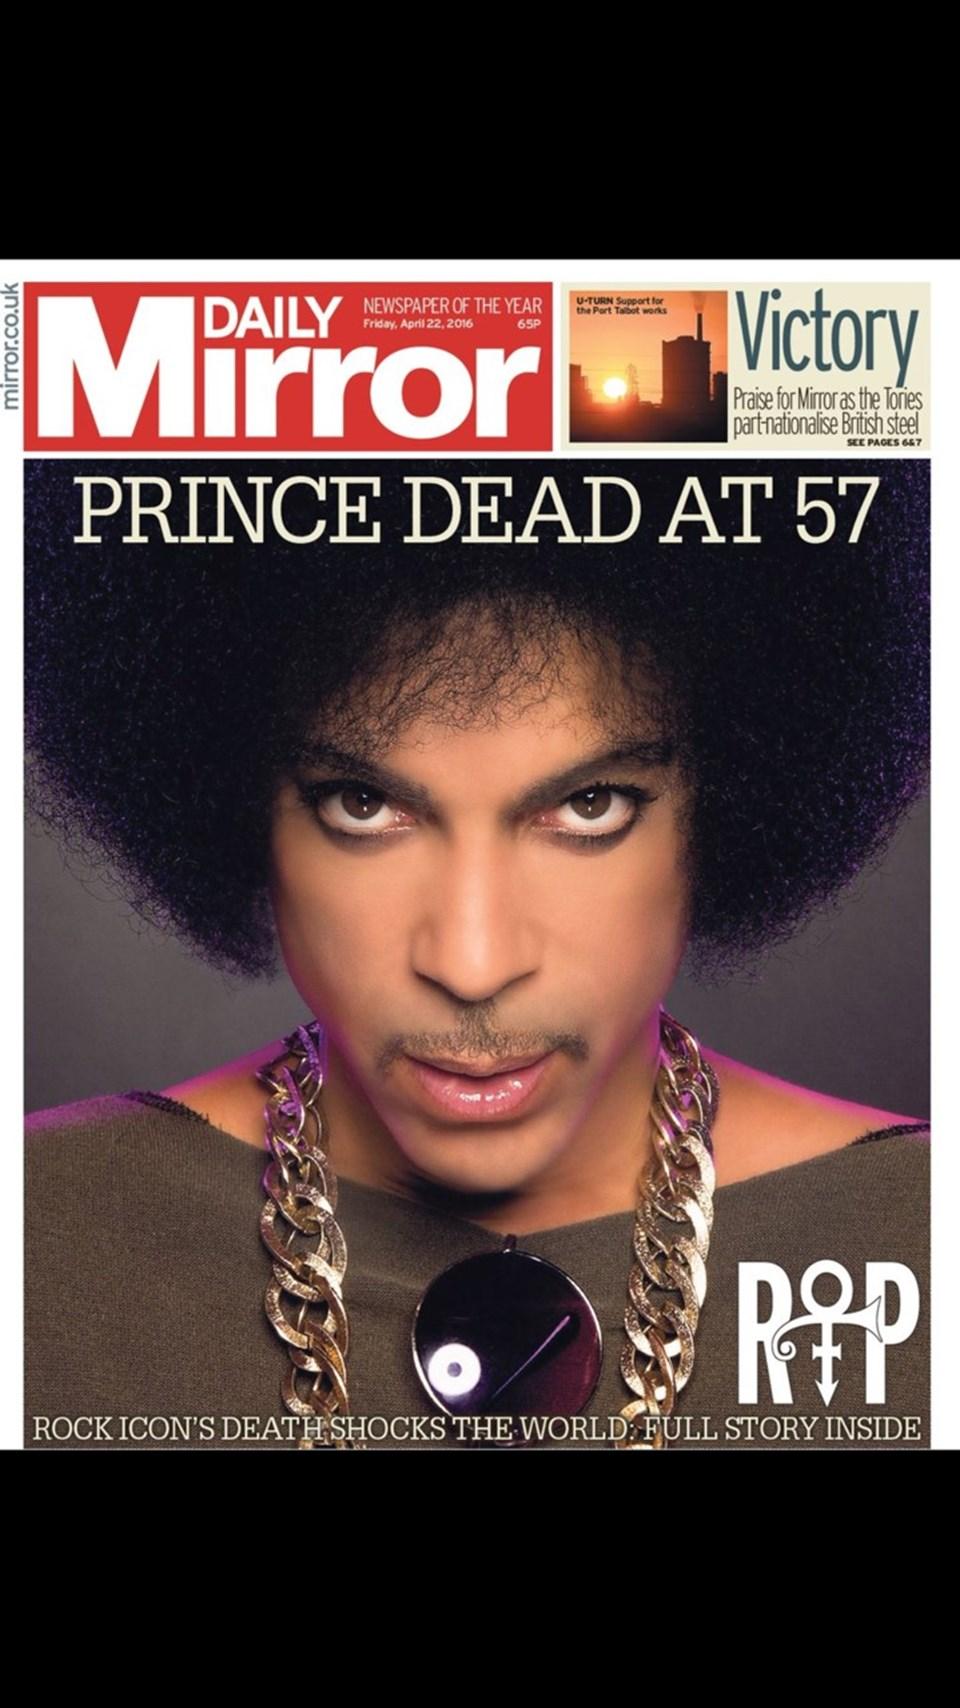 Daily Mirror da ölümü manşetten verdi.